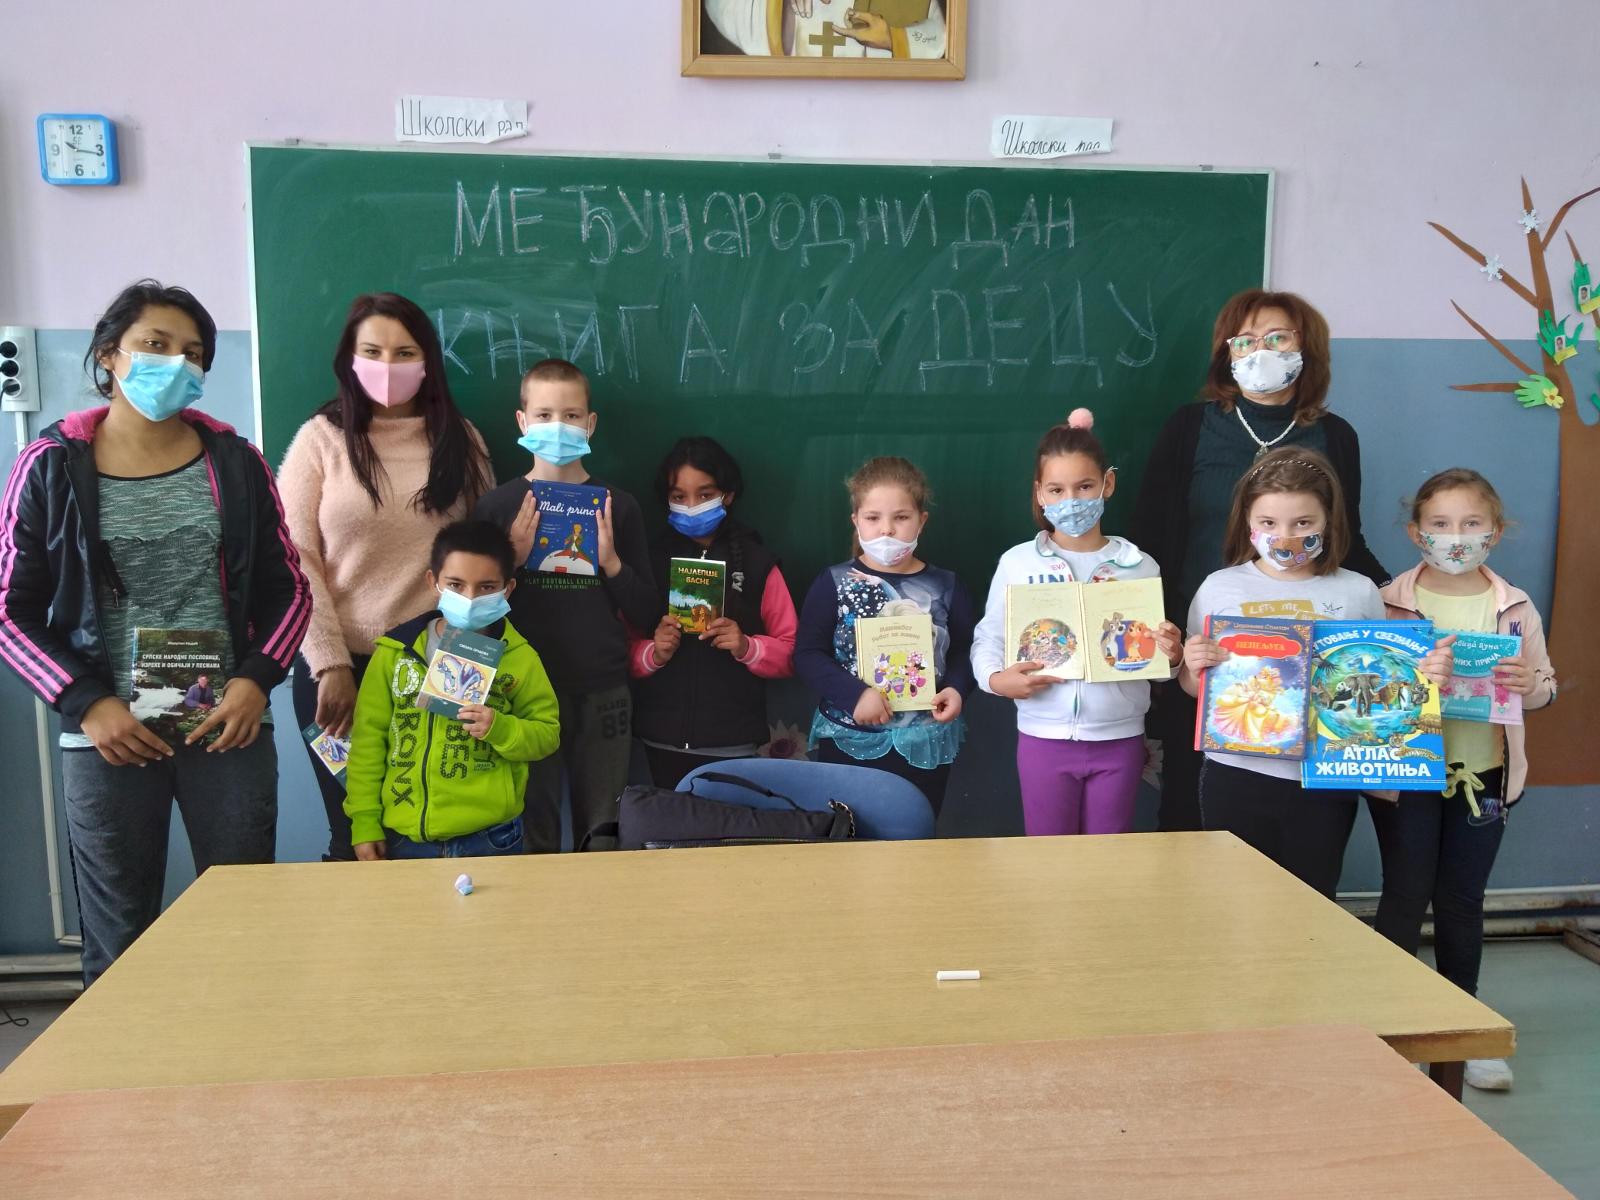 Међународни дан књиге за децу